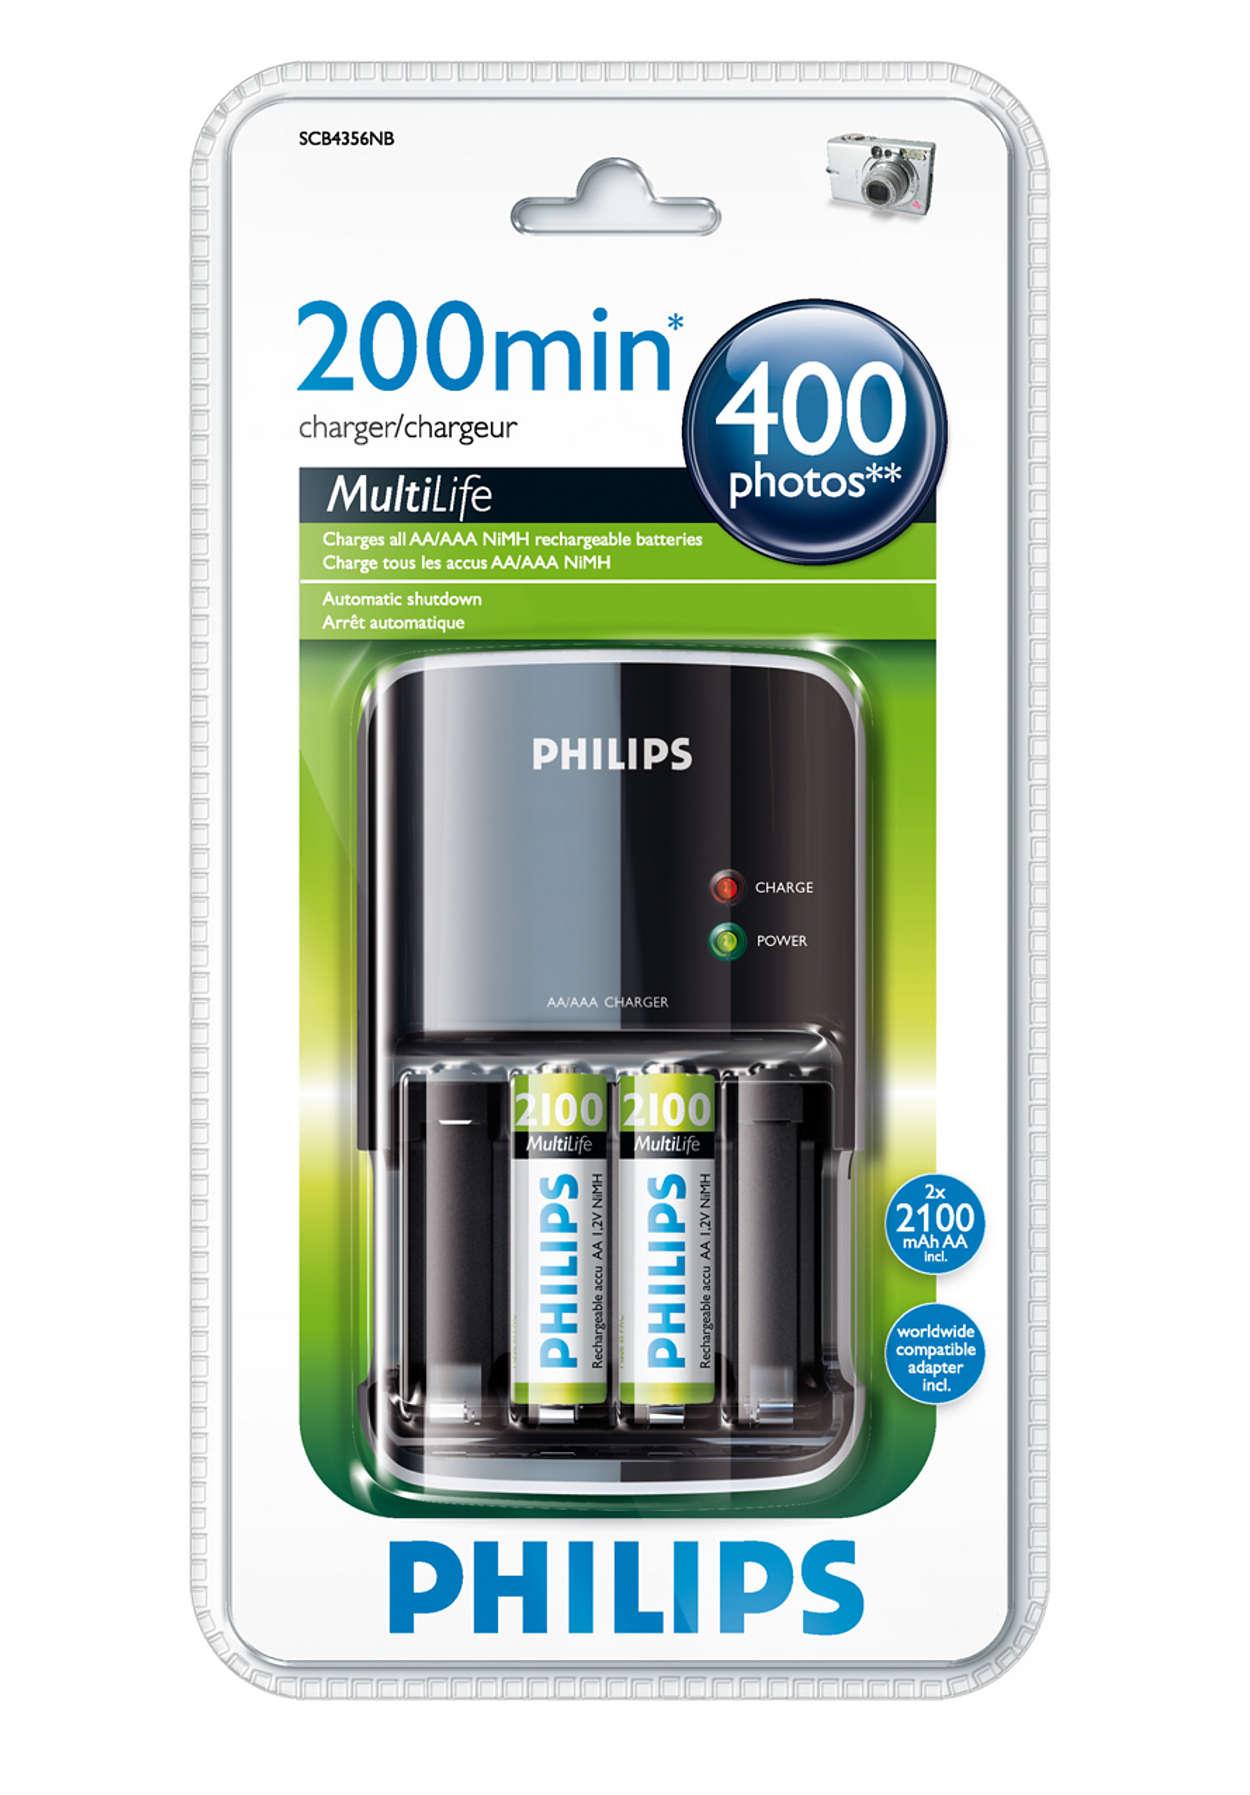 Carga las pilas por completo en un máximo de 200minutos